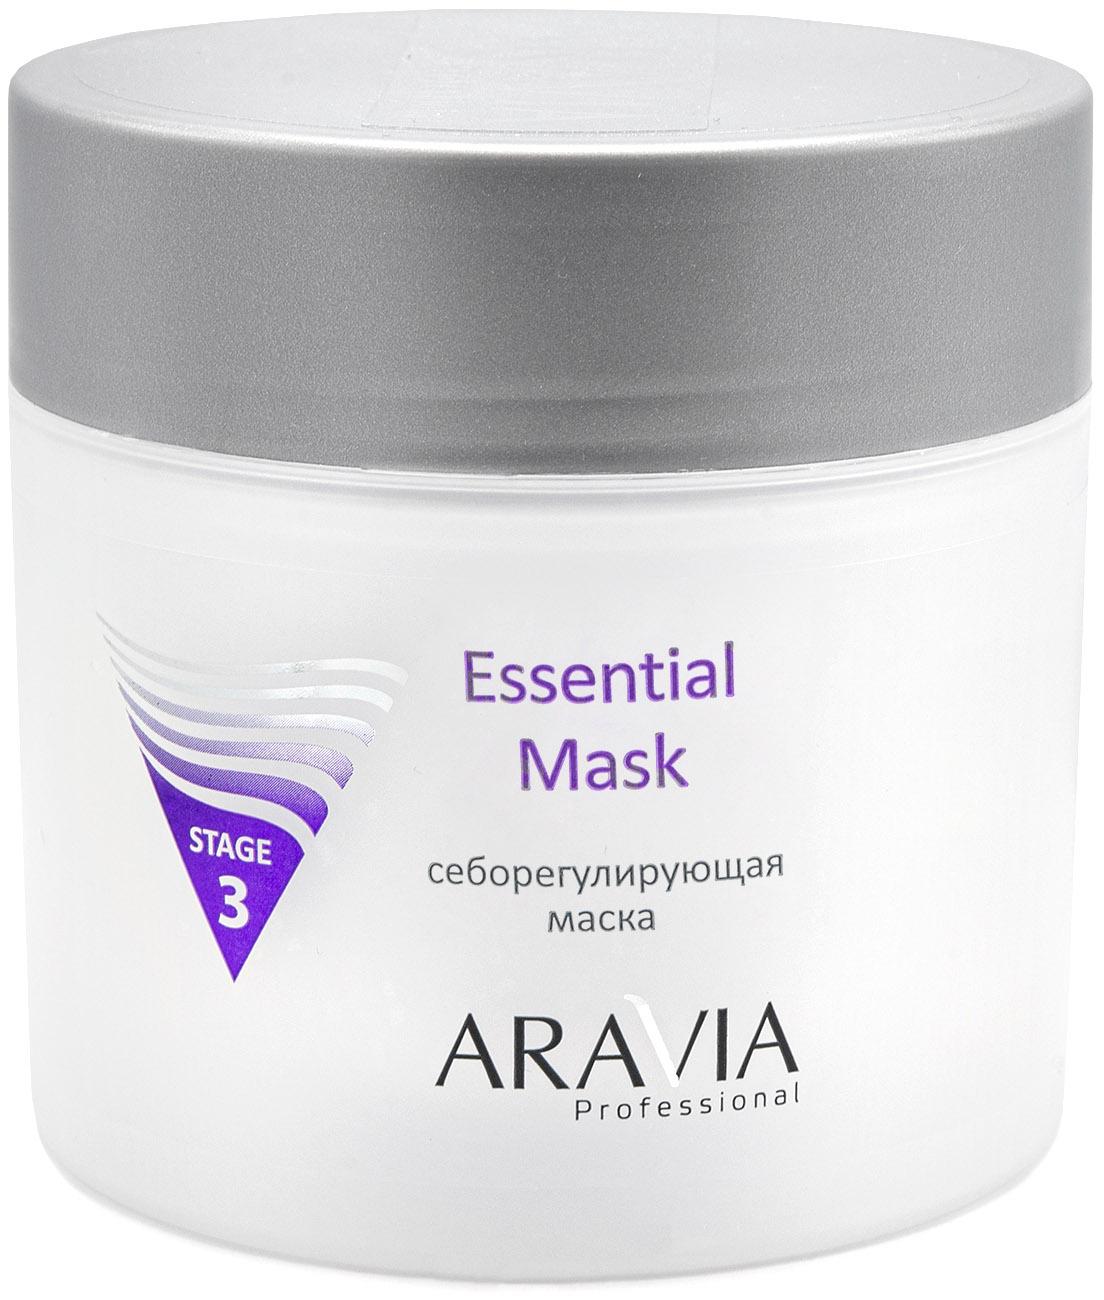 Купить Aravia Professional Маска себорегулирующая Essential Mask, 300 мл (Aravia Professional, Уход за лицом), Россия